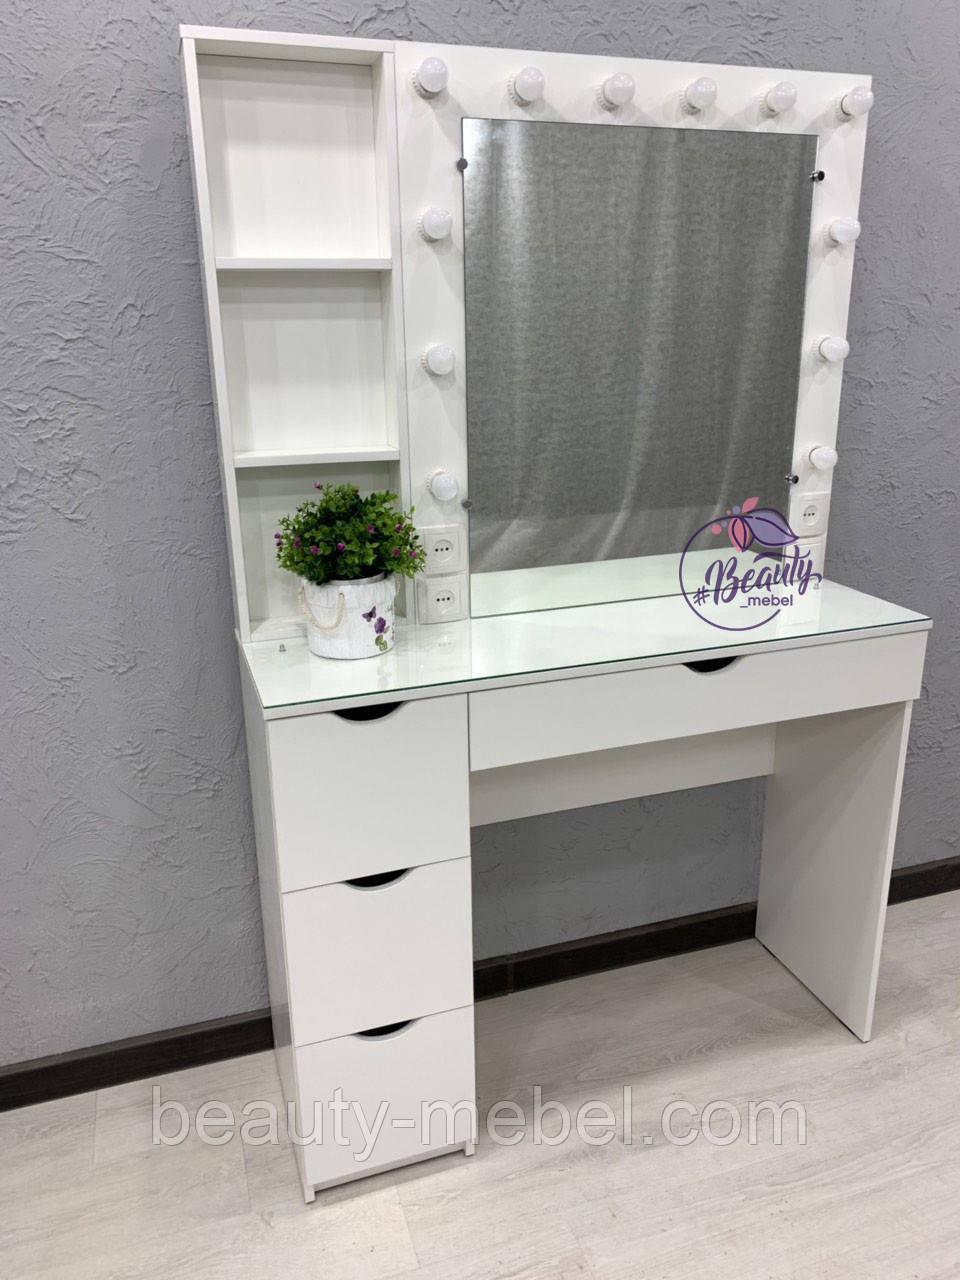 Стол визажиста с зеркалом и полочками сбоку зеркала, стол для бровиста, визажный стол